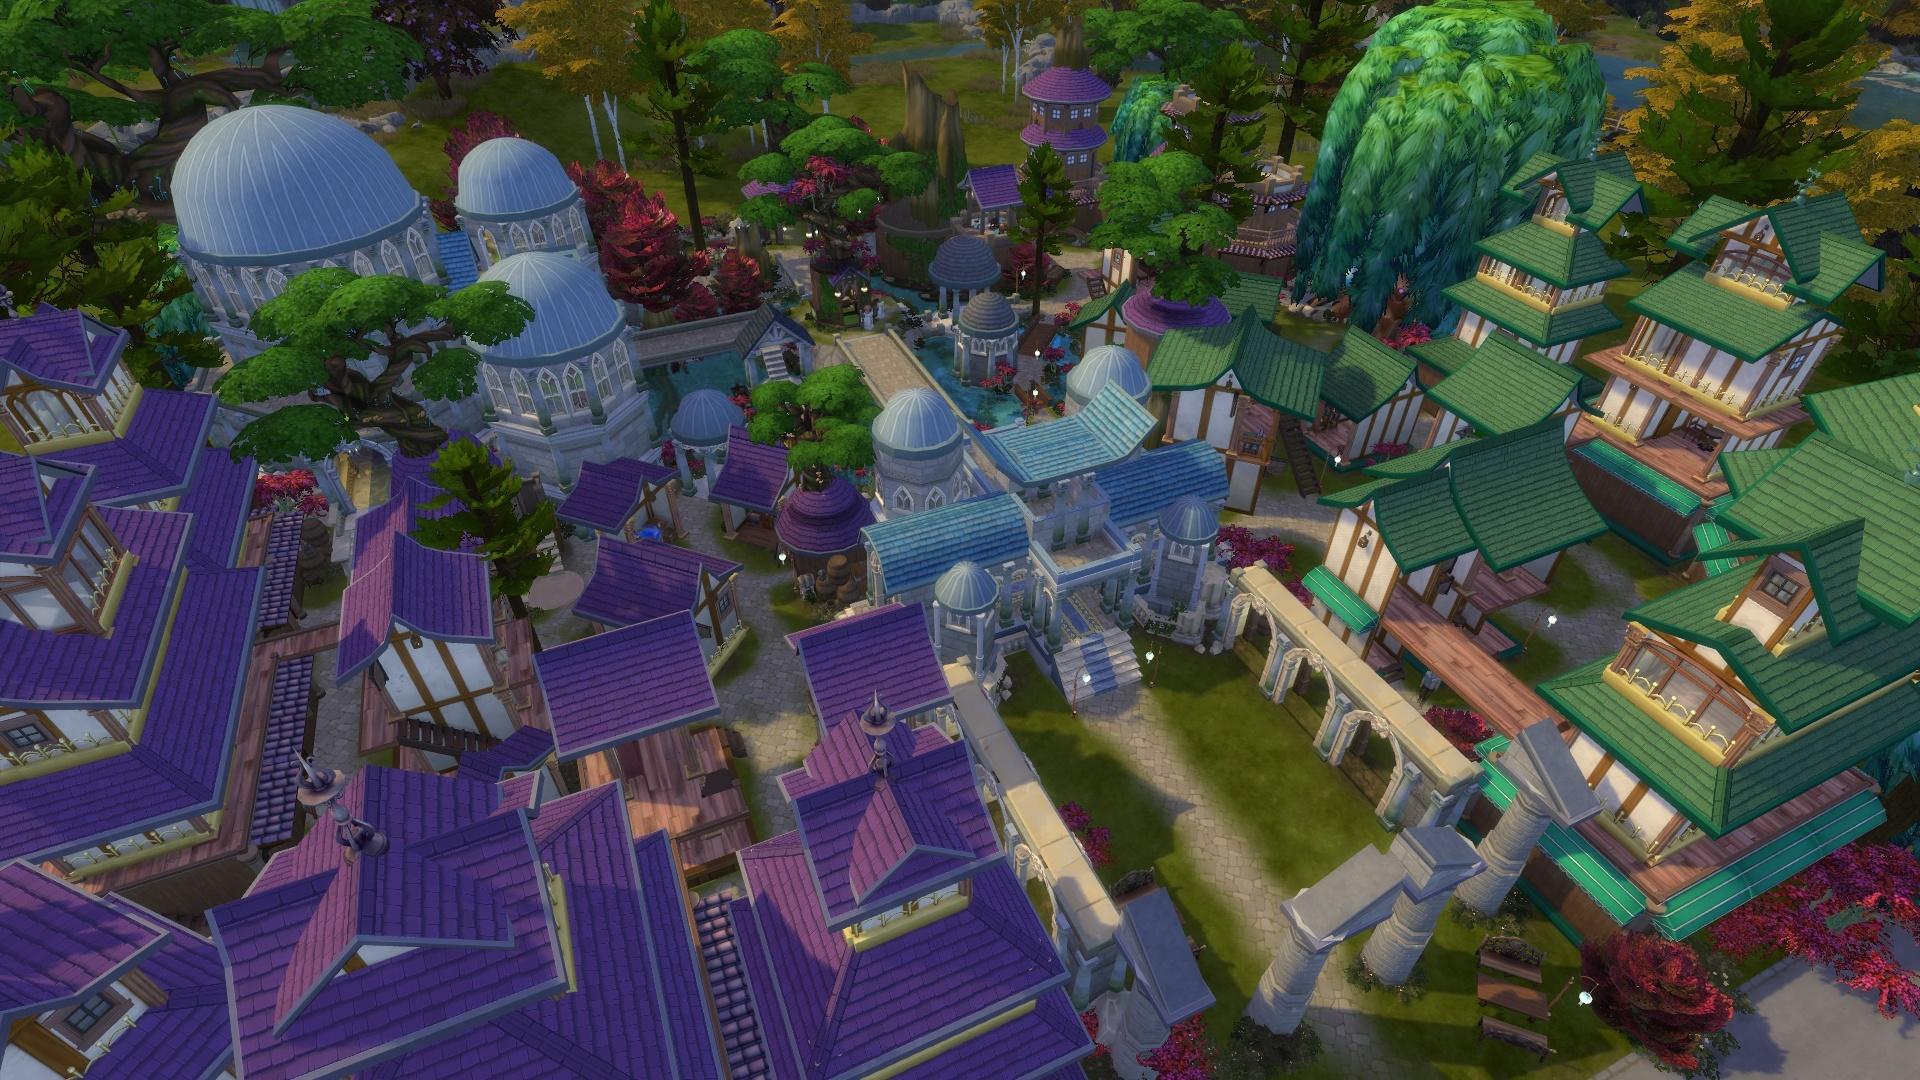 SatiSim has restored Darnassus in The Sims 4